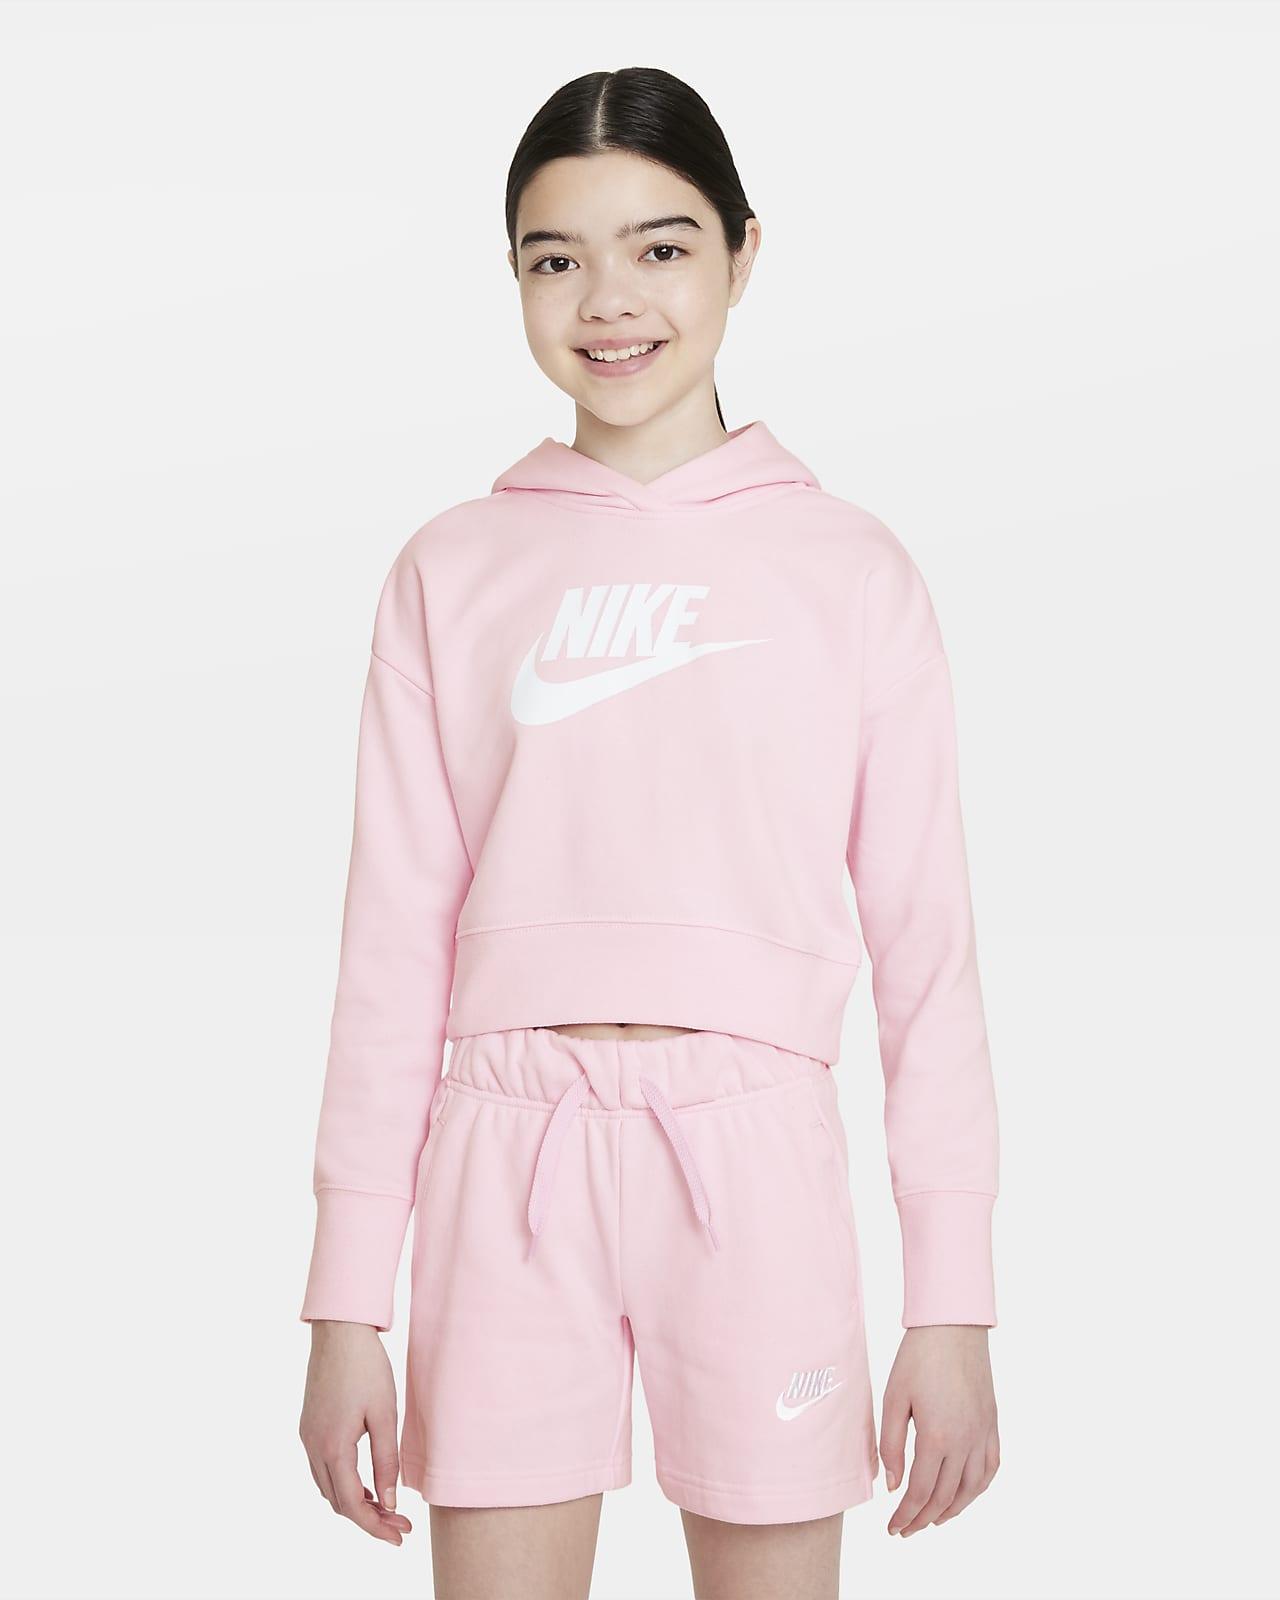 Zkrácená mikina Nike Sportswear Club skapucí zfrancouzského froté provětší děti (dívky)